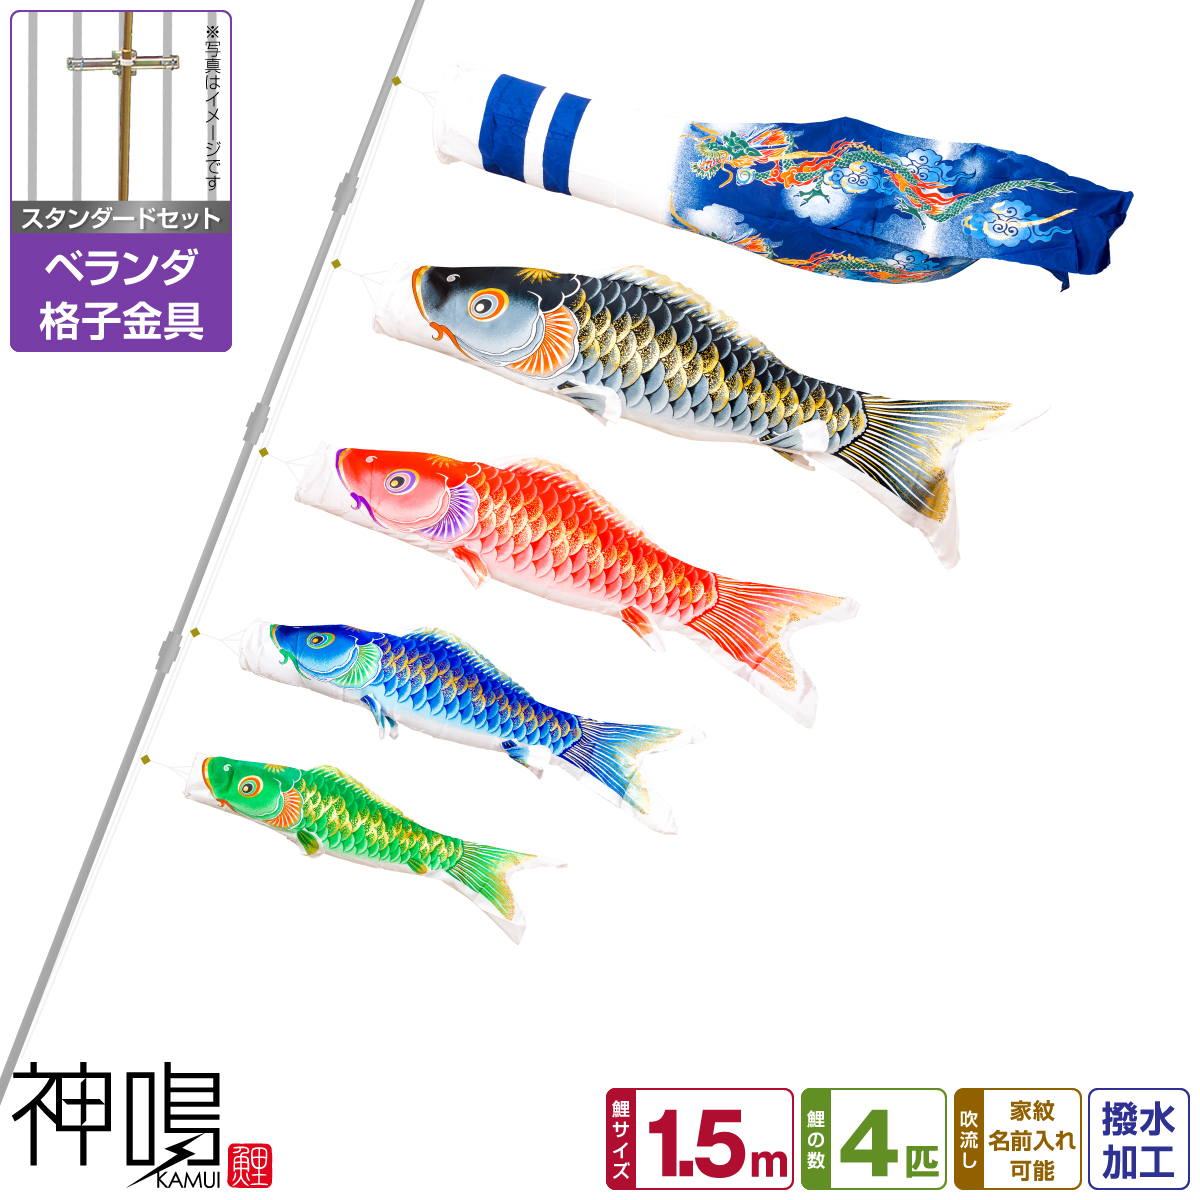 ベランダ用 鯉のぼり 神鳴鯉-KAMUI- 1.5m 7点(吹流し+鯉4匹+矢車+ロープ)/スタンダードセット(格子金具)